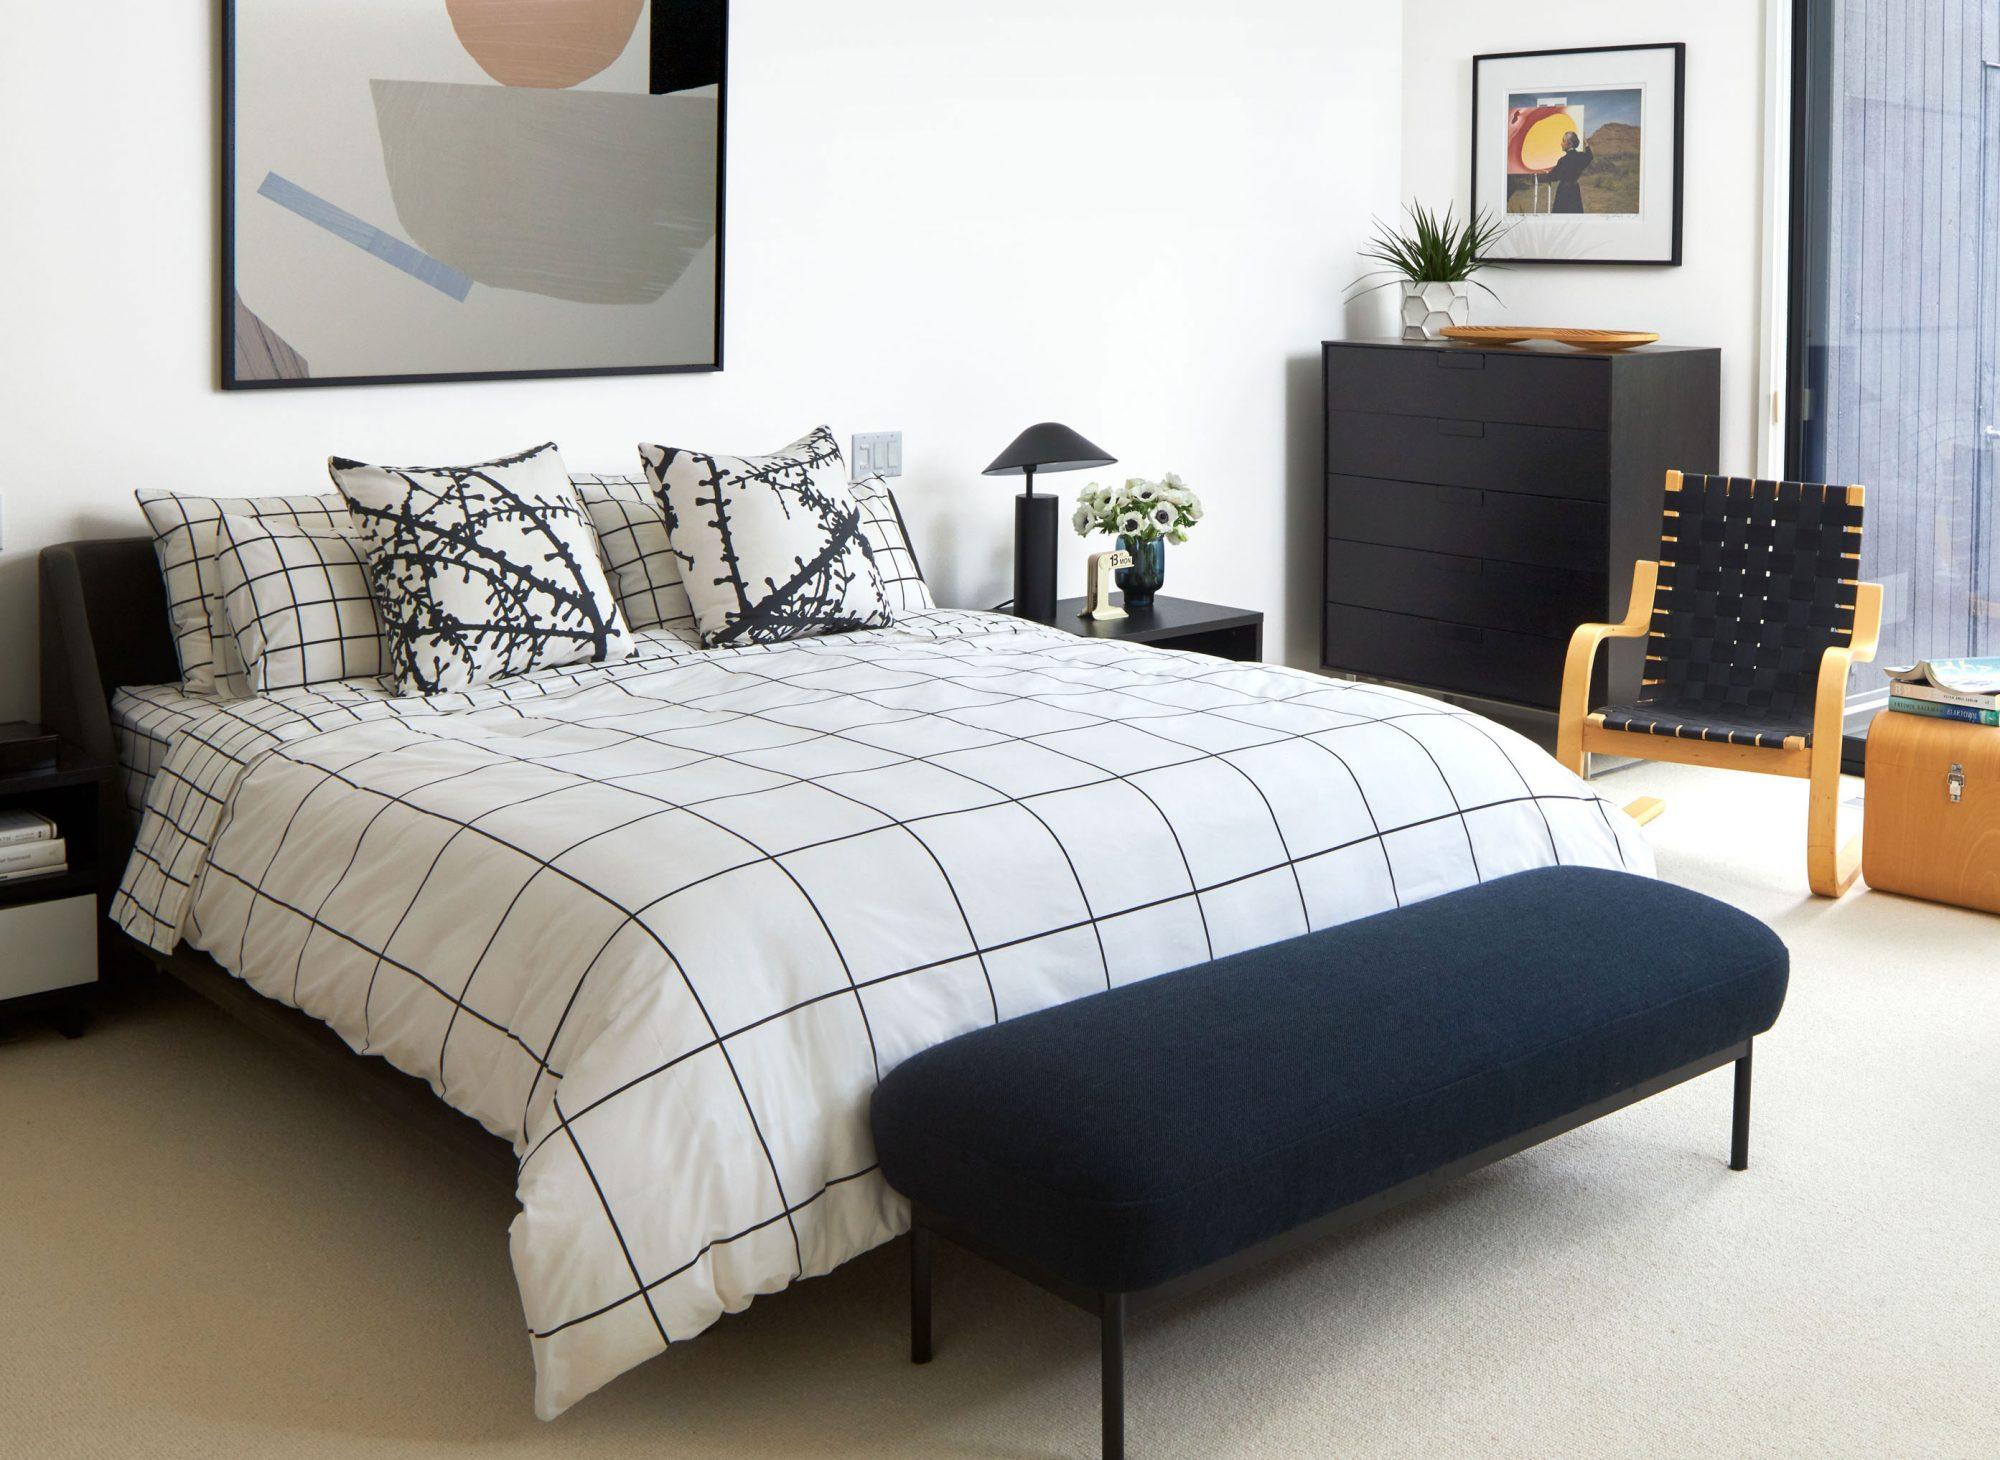 Segal bedroom